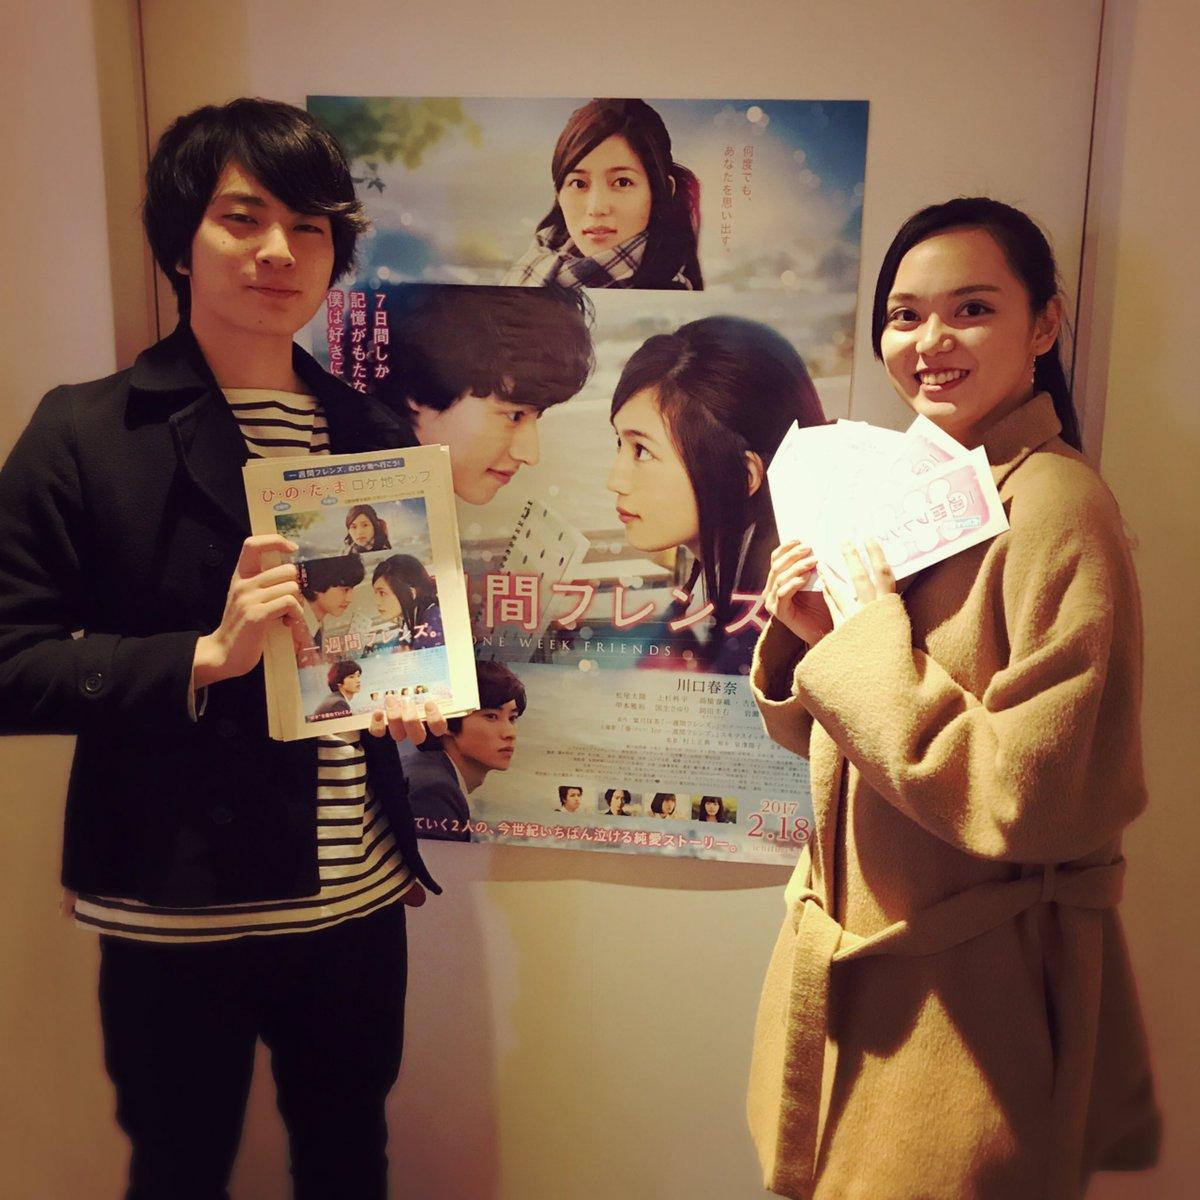 渋谷HUMAXシネマさんに到着。芳村くんと終演後のお客様を出待ち中…クラスメイト役の山本さんも来てくれました!(´∀`*